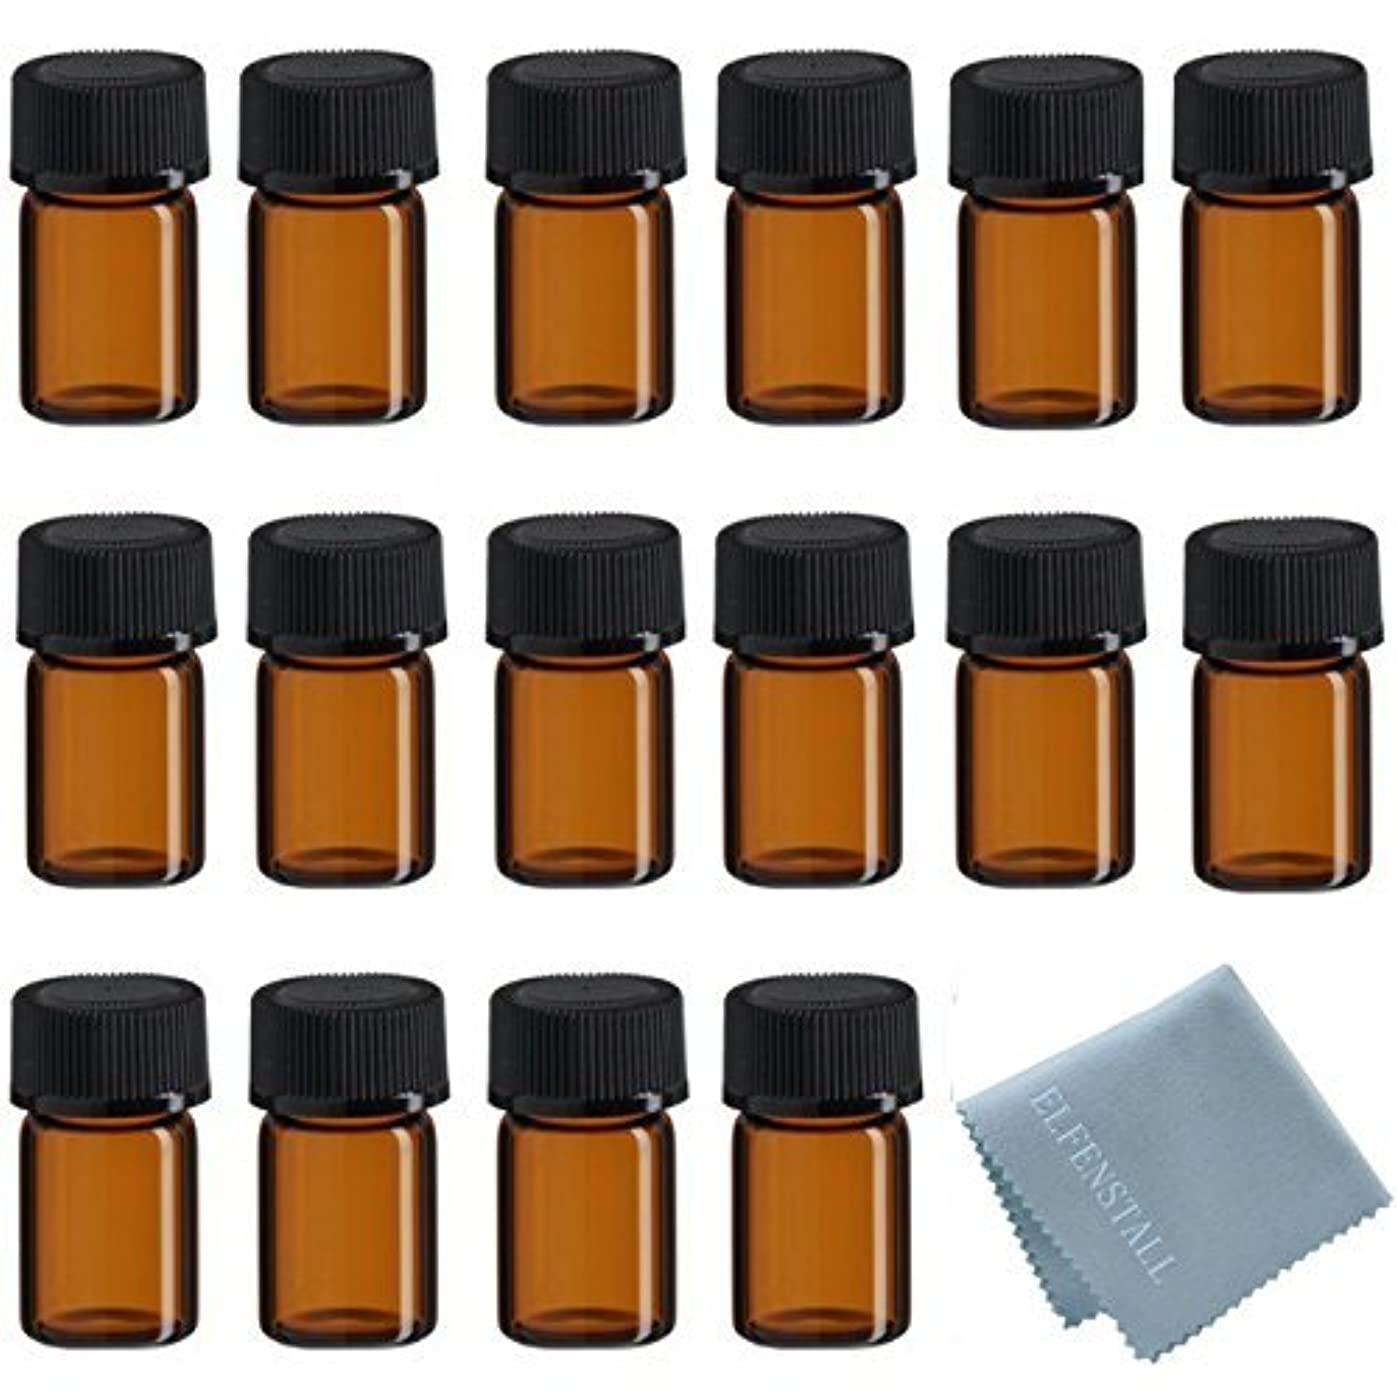 株式維持する報告書ELFENSTALL 50Pcs 2ml Oil Bottles for Essential Oils (5/8 Dram) Amber Glass Vials Bottles, with Orifice Reducers...